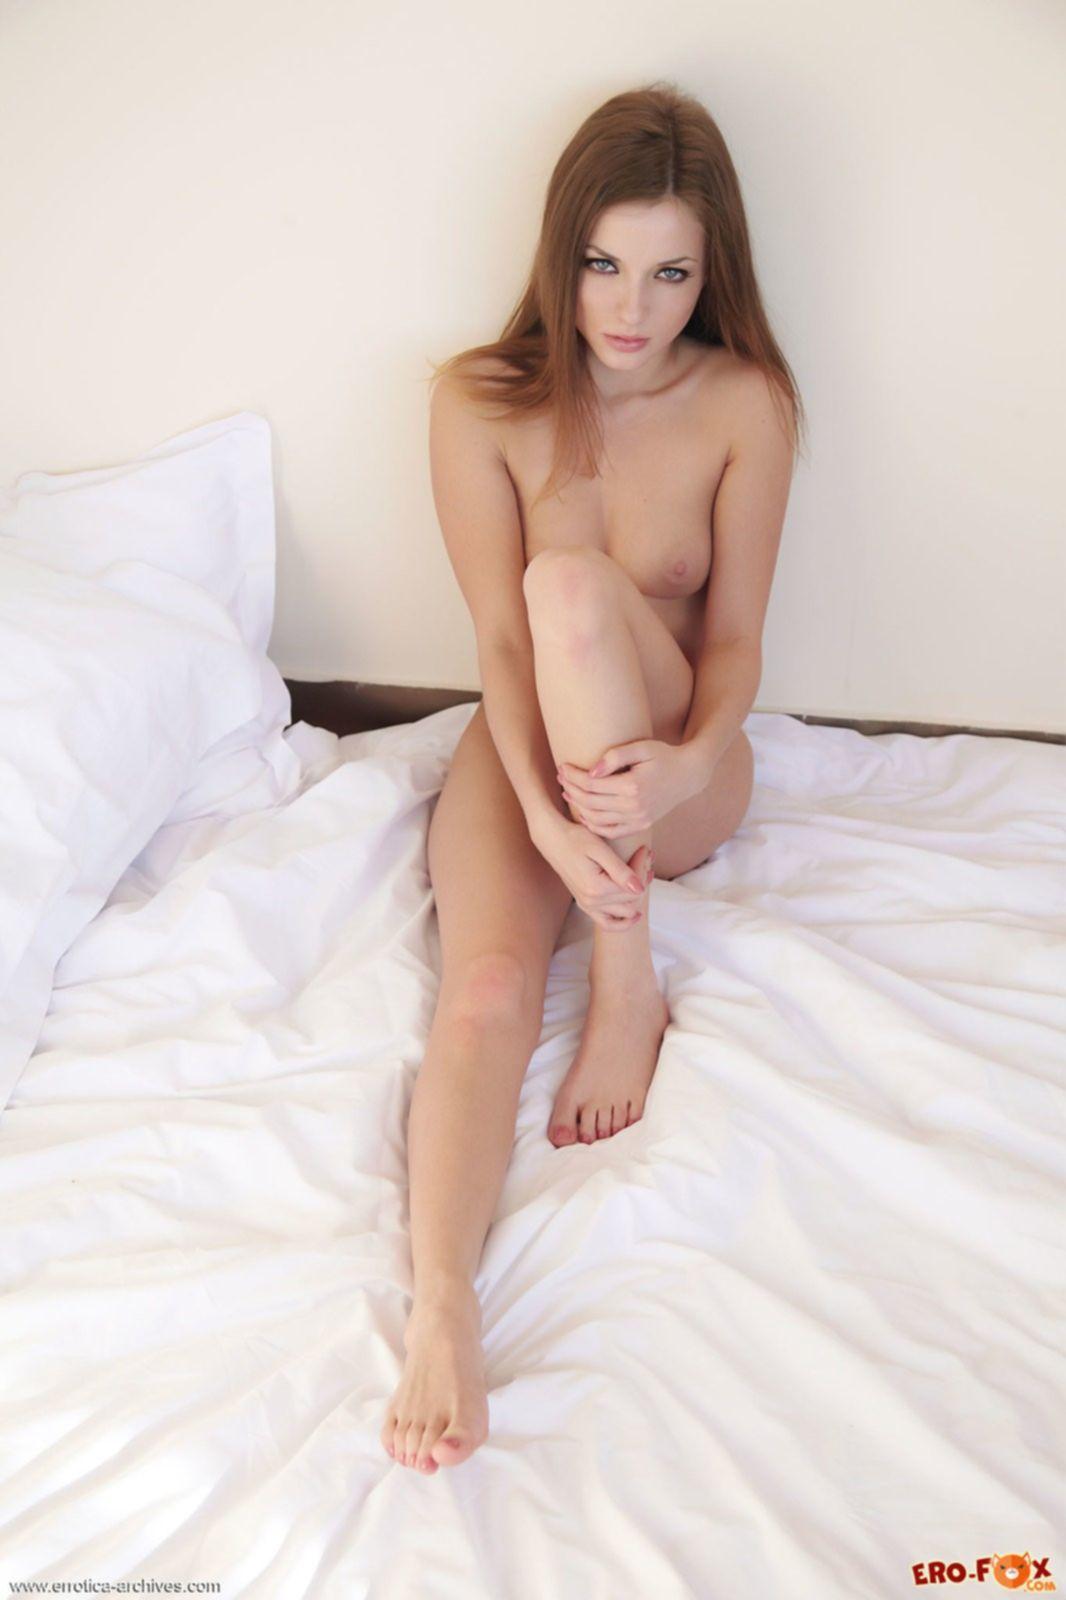 Сочный анус голой девушки в постели, фото крупным планом.